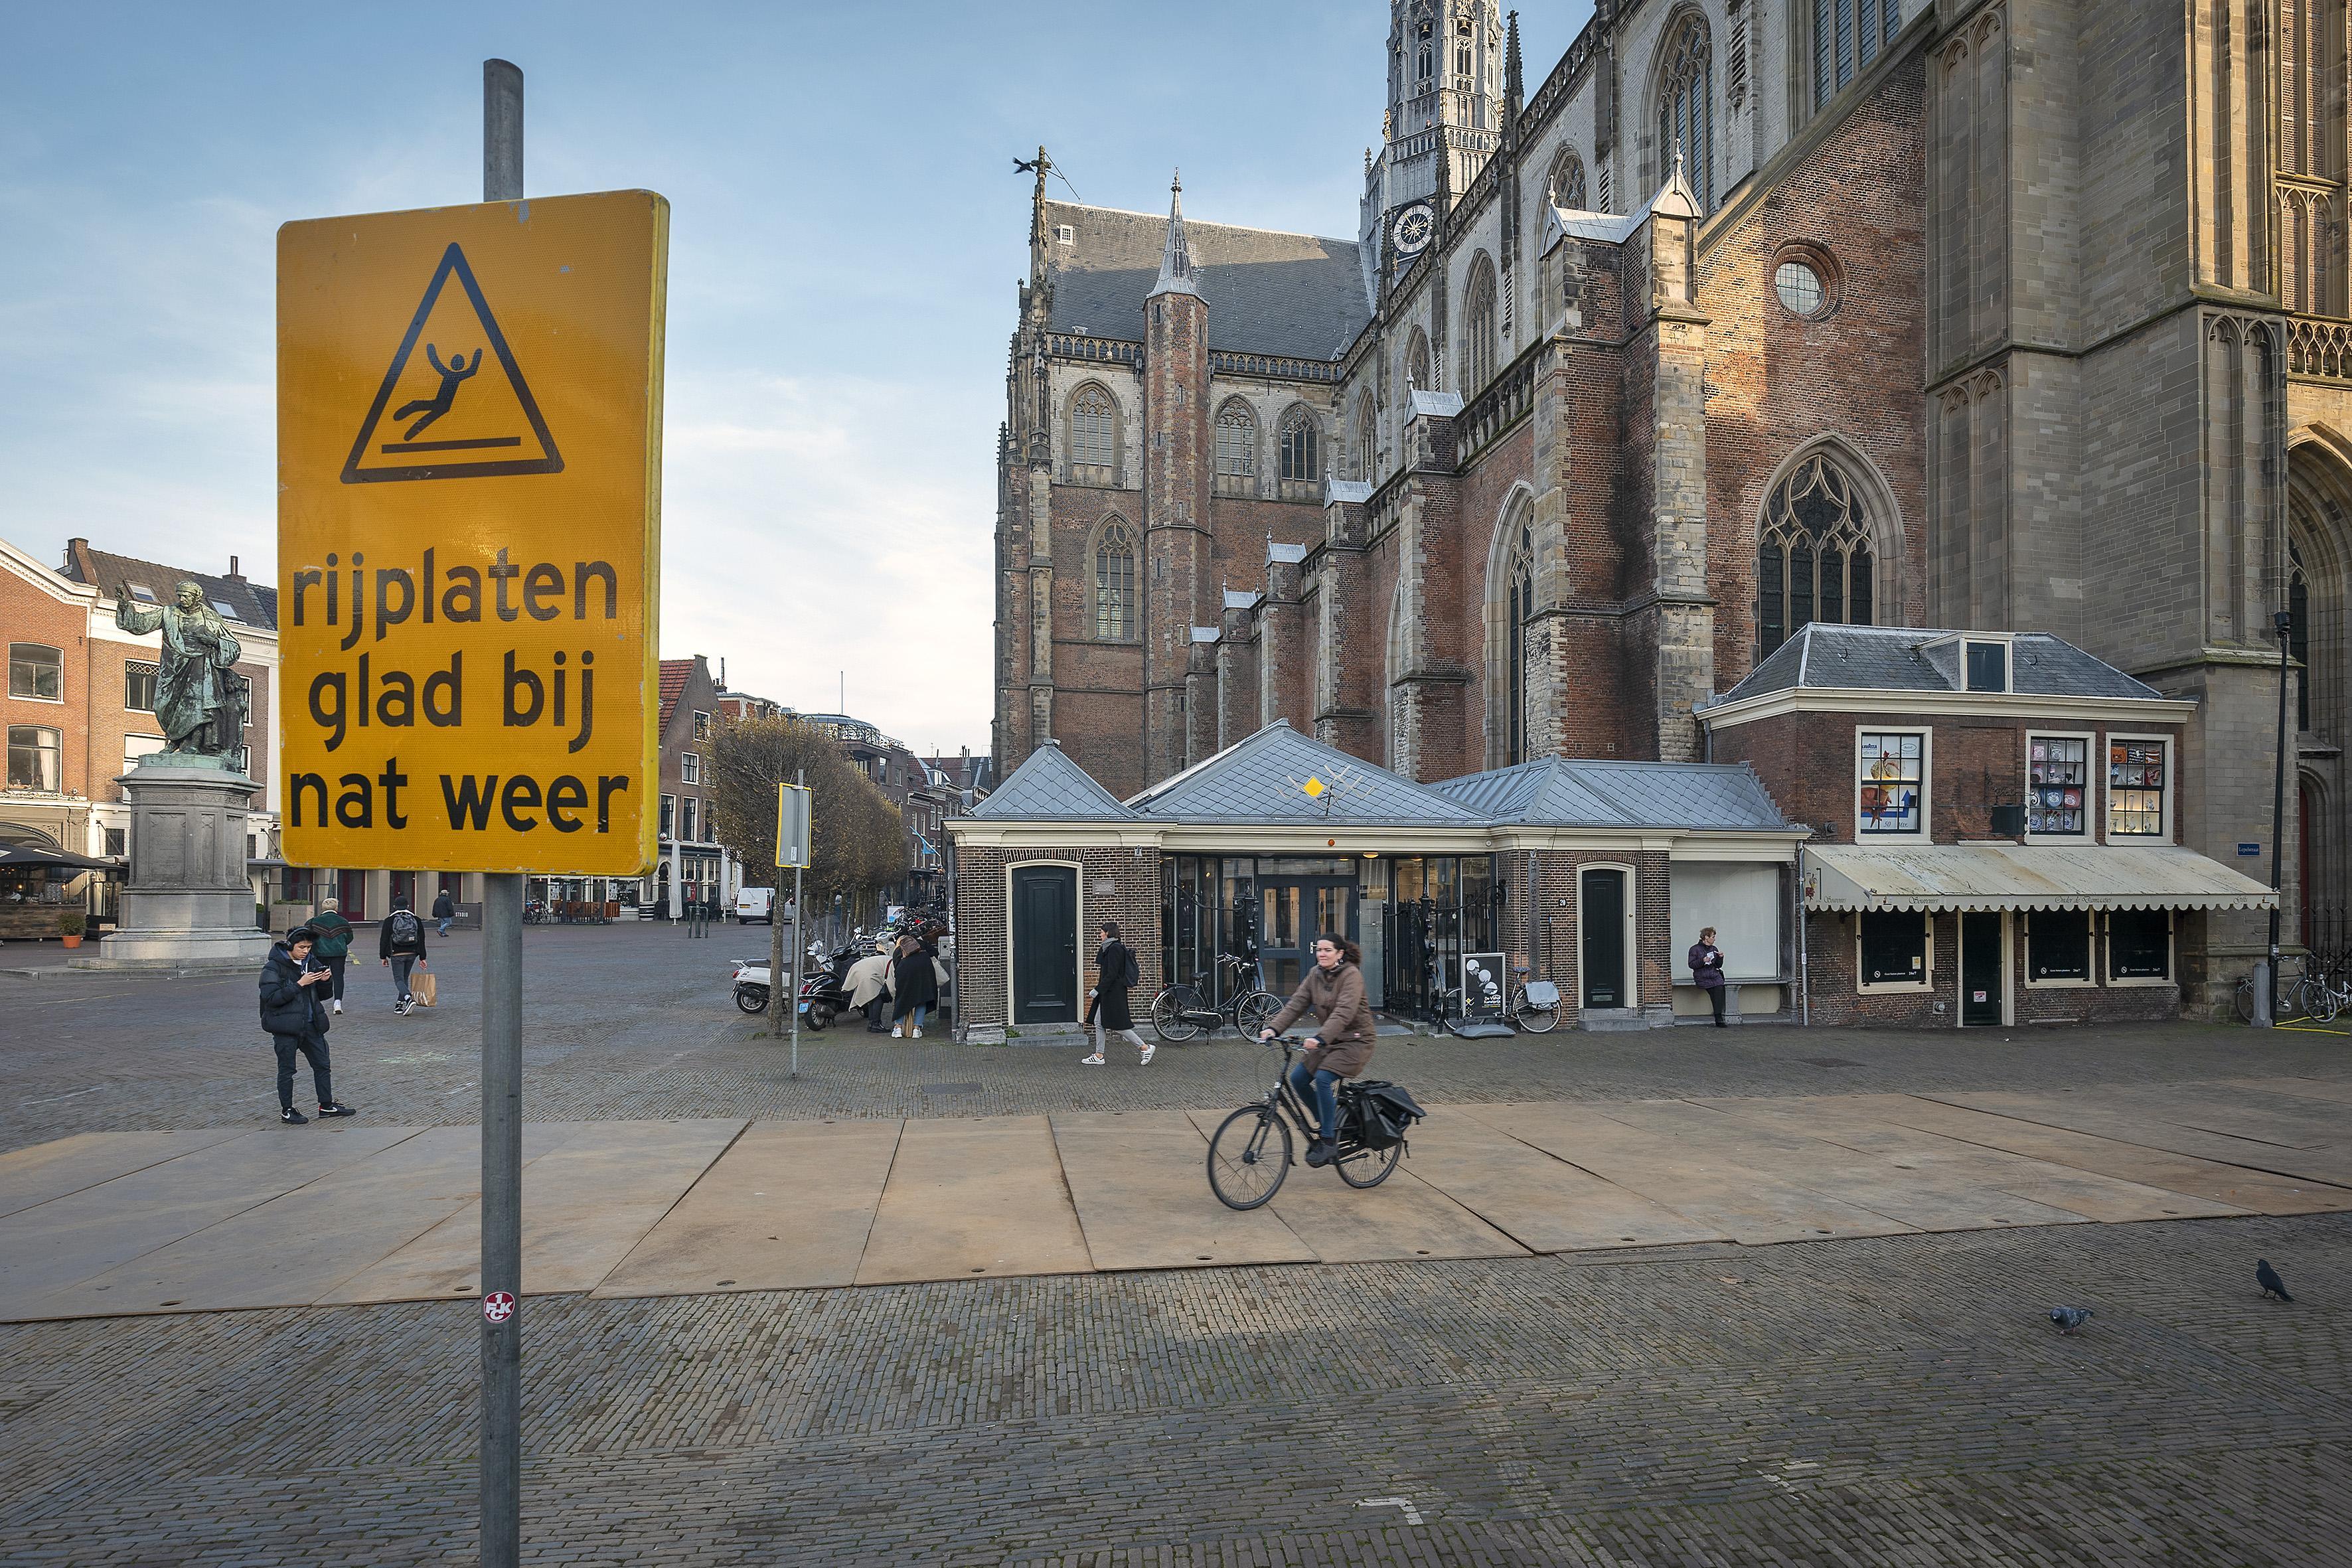 Wat doen die stalen rijplaten op de Grote Markt in Haarlem?